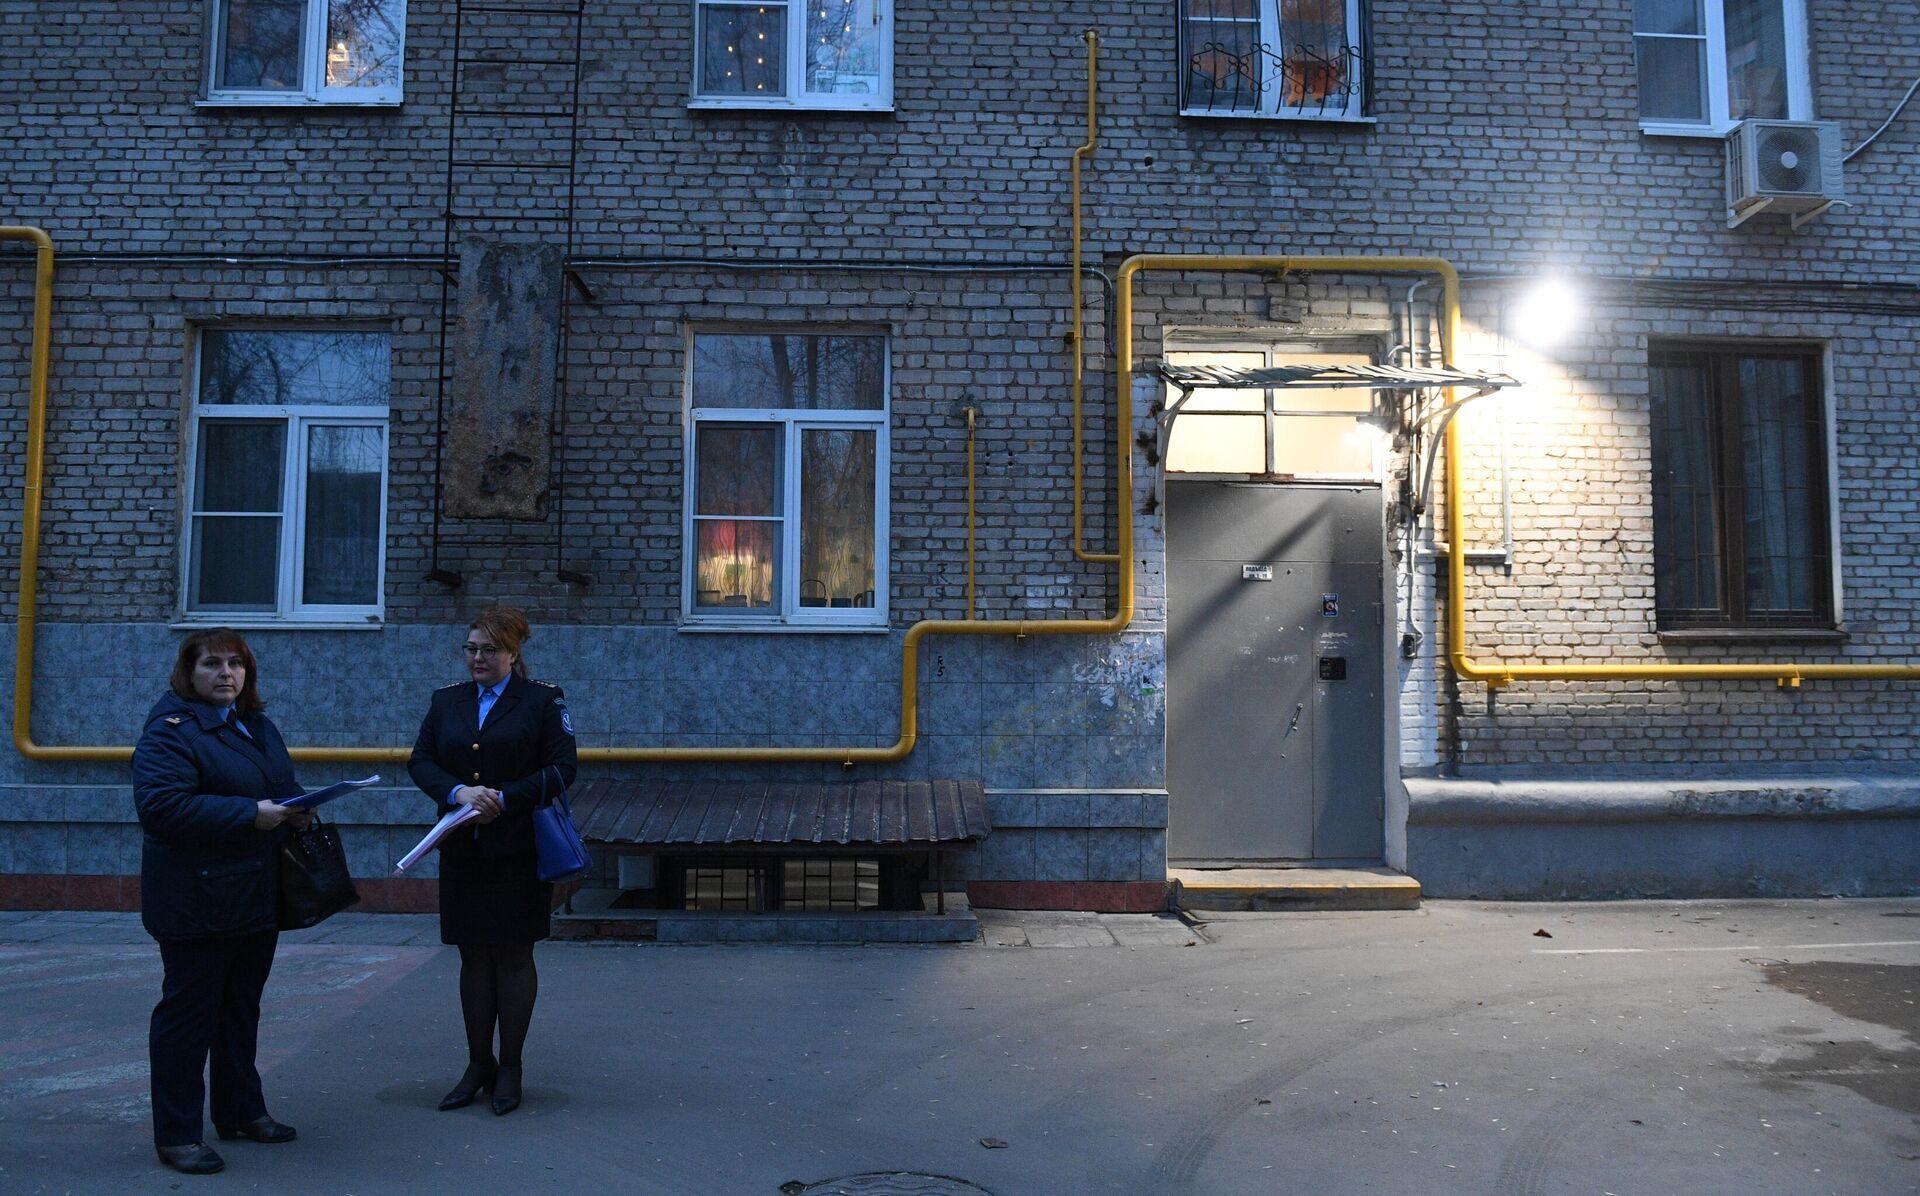 Сотрудницы Мосжилинспекции во время рейда в квартиру в Москве - РИА Новости, 1920, 09.04.2021